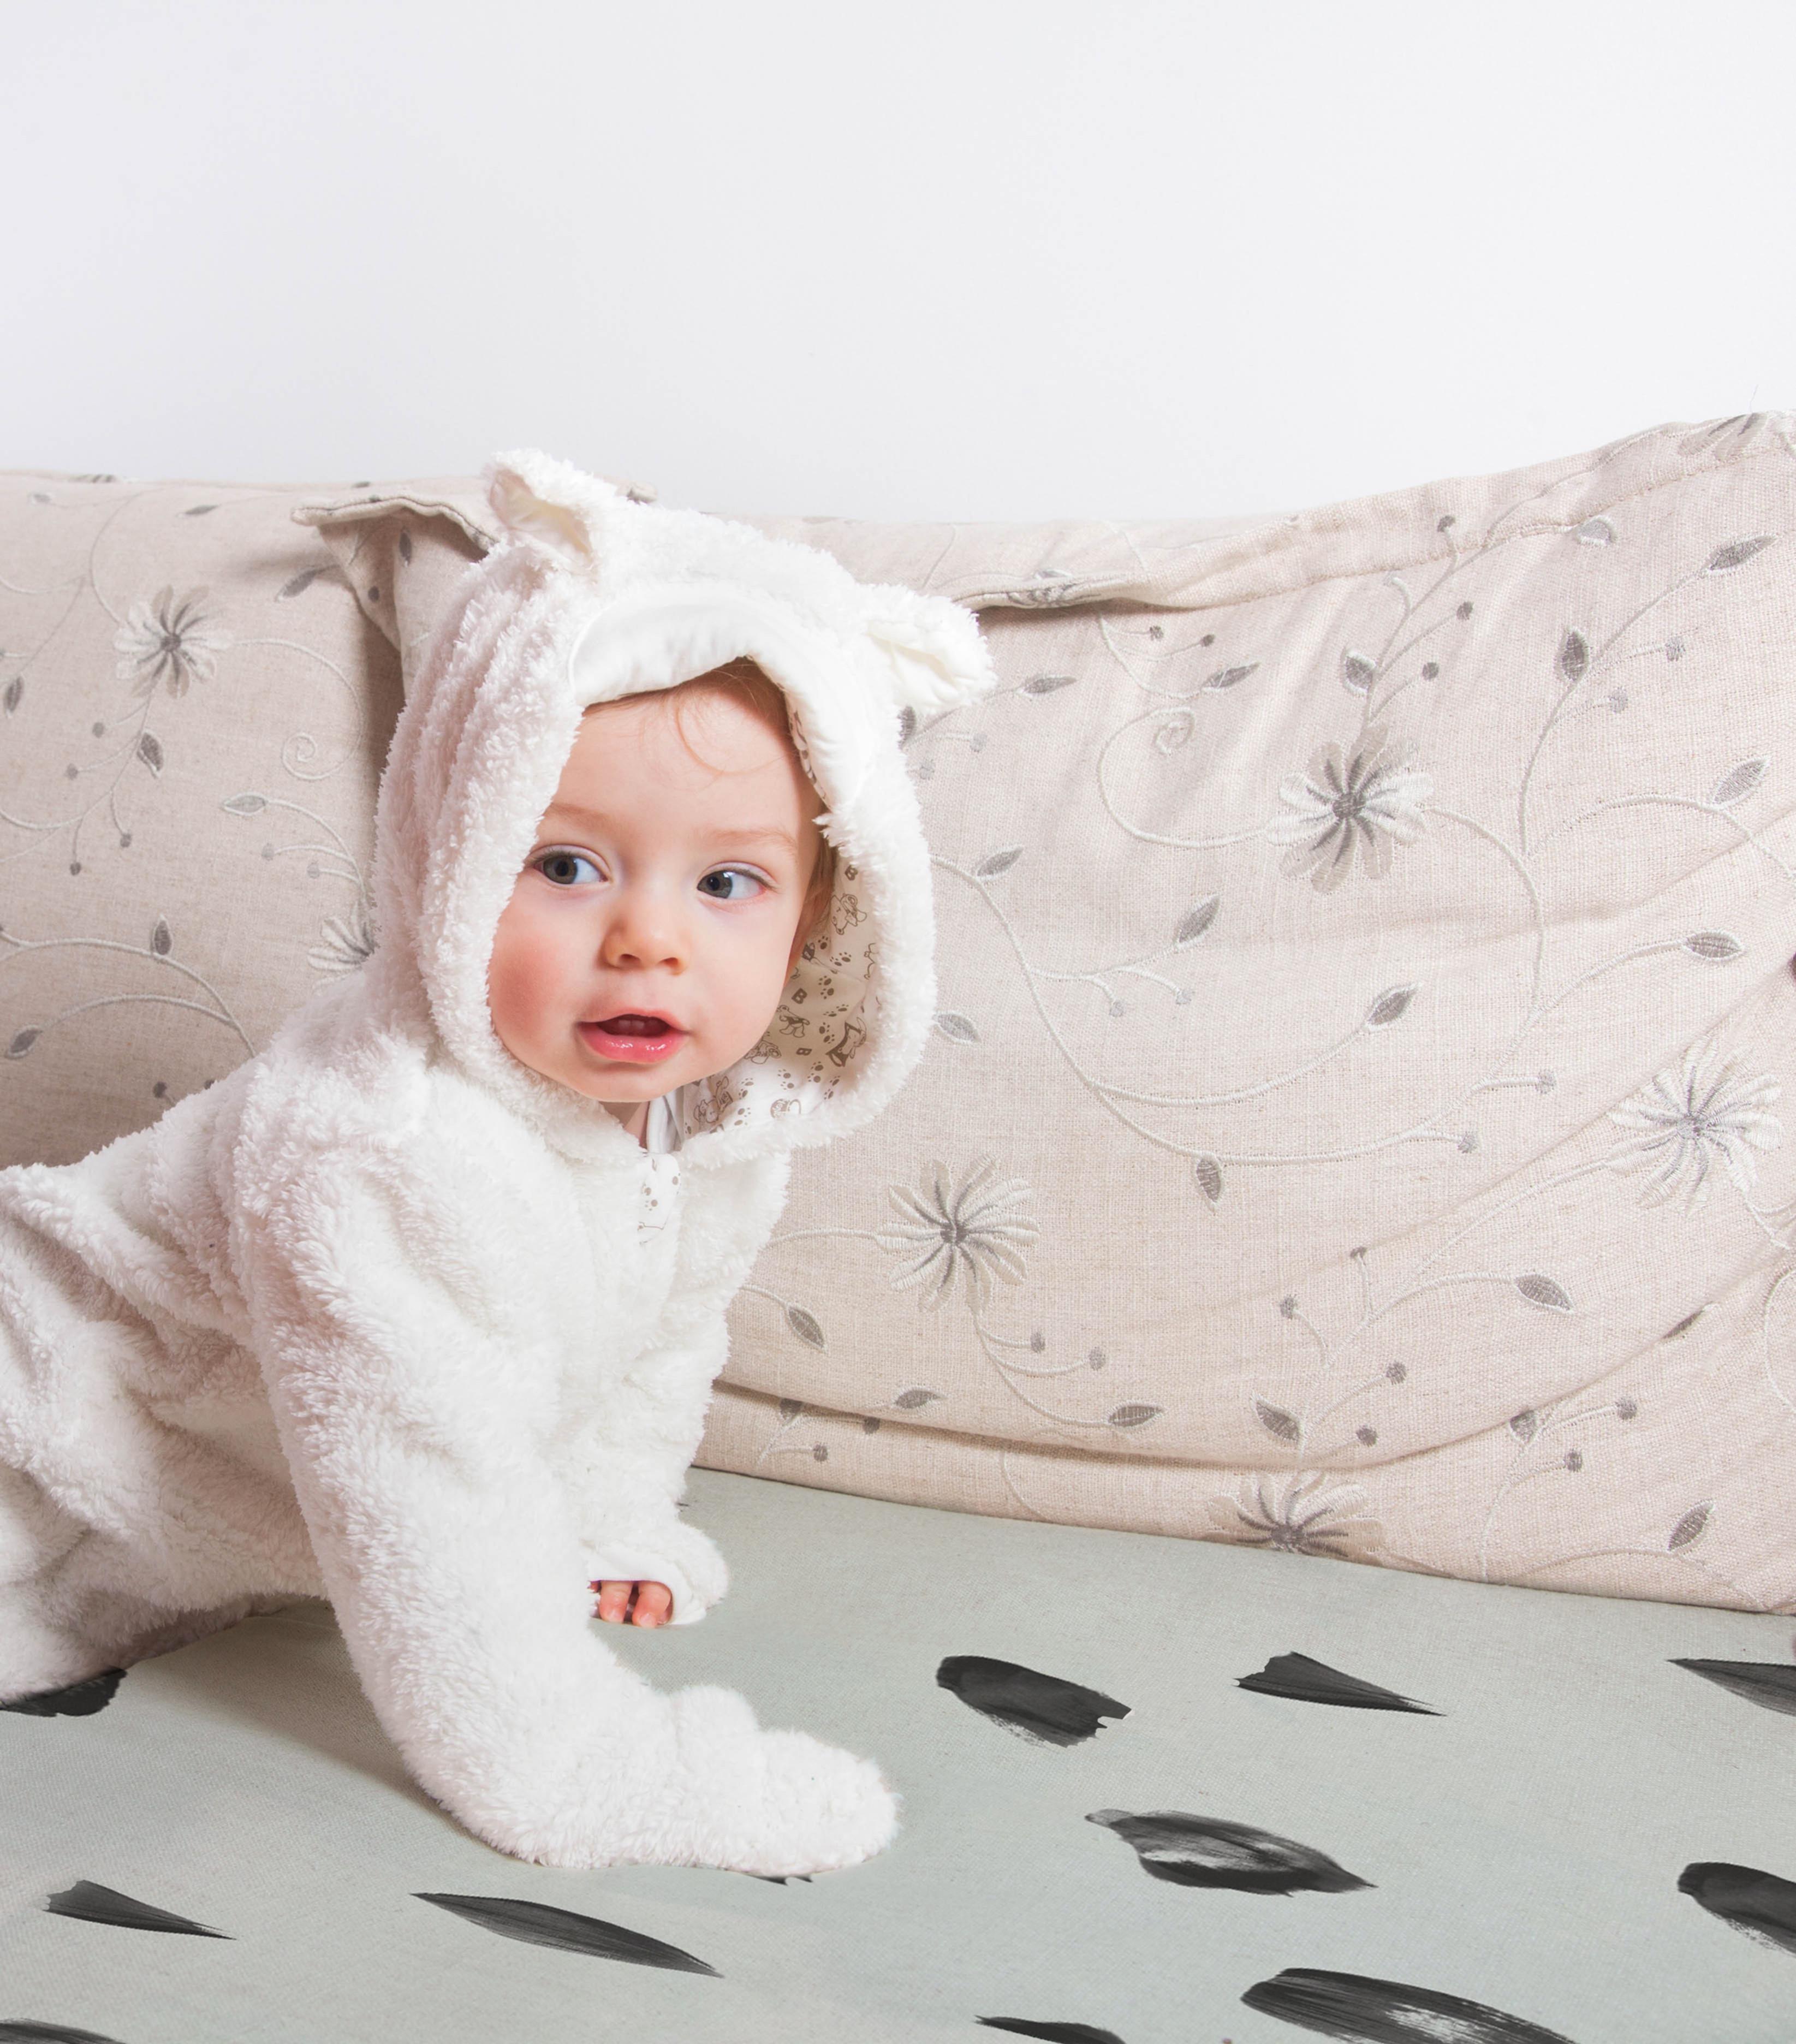 Baby Genuis Package